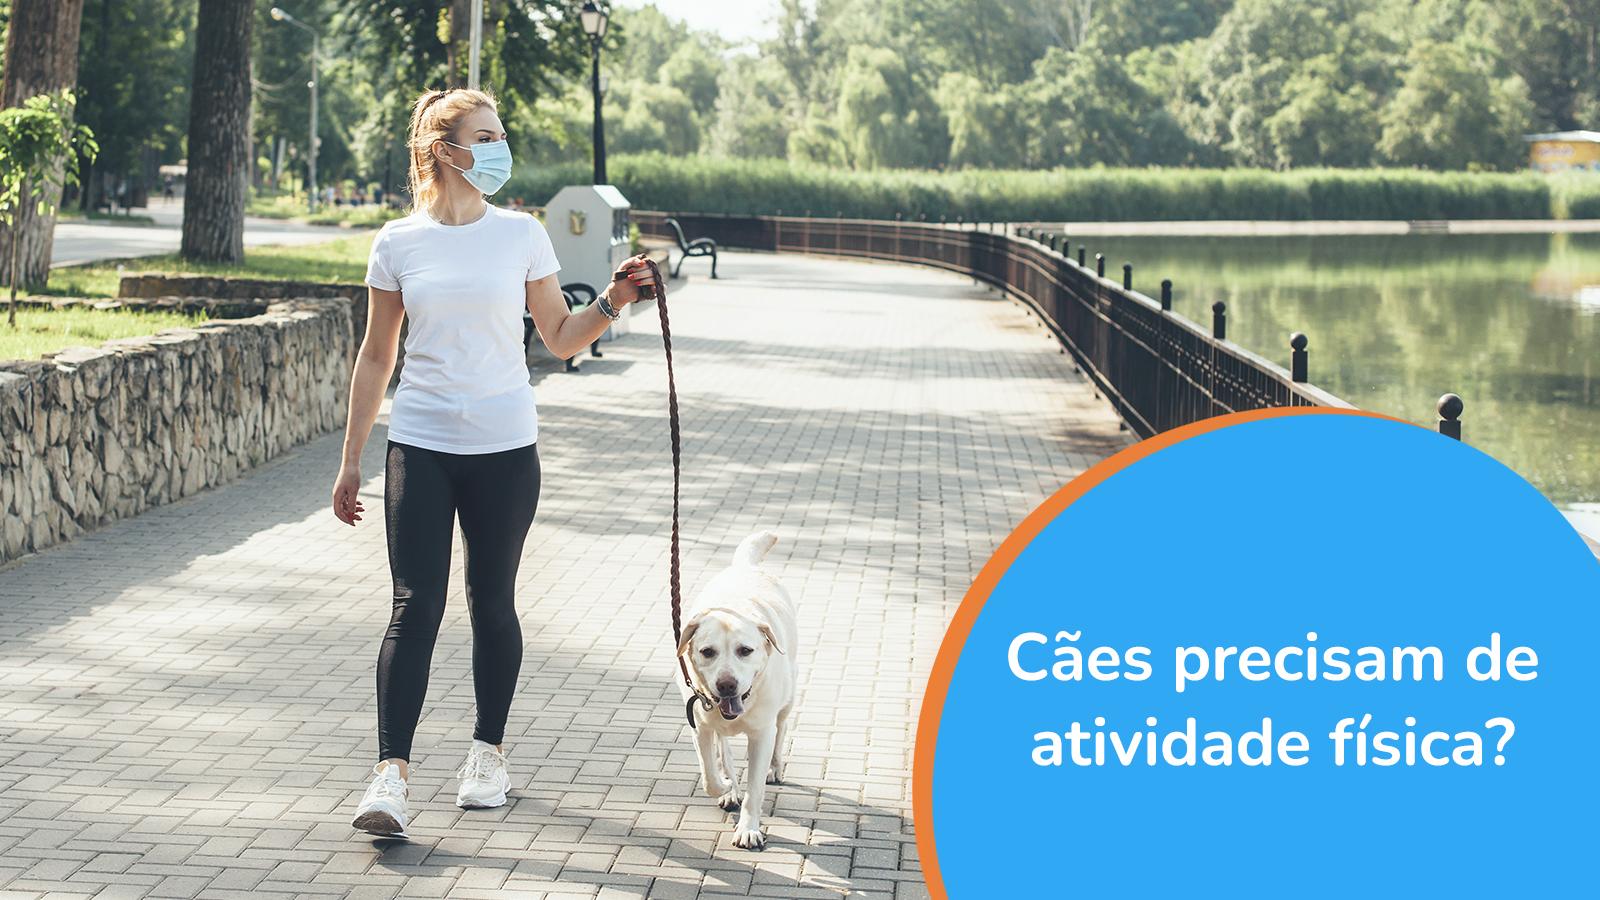 Cães precisam de atividade física?